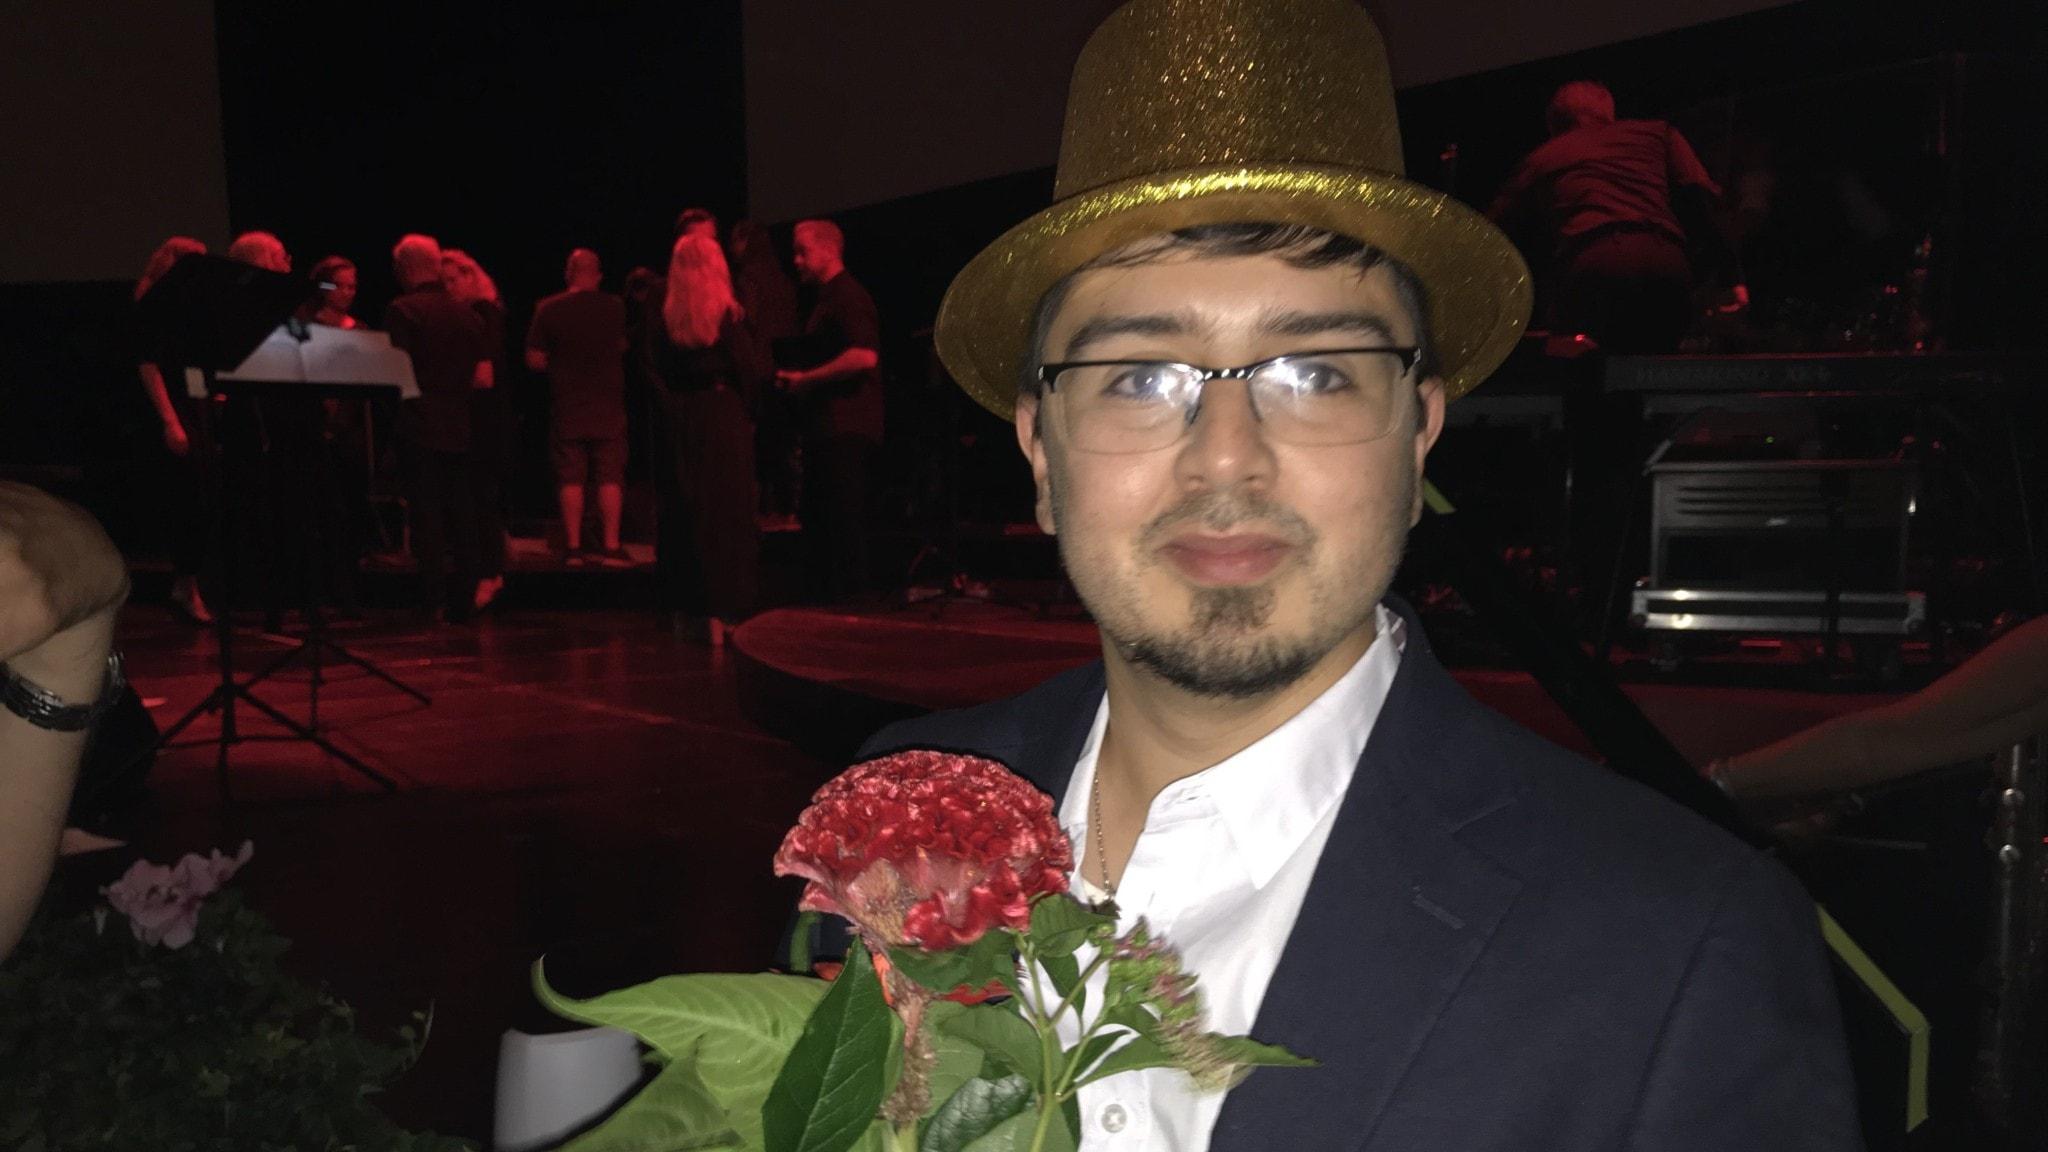 Fotot visar en man i en guldhatt och glasögon som håller i en röd blomma.